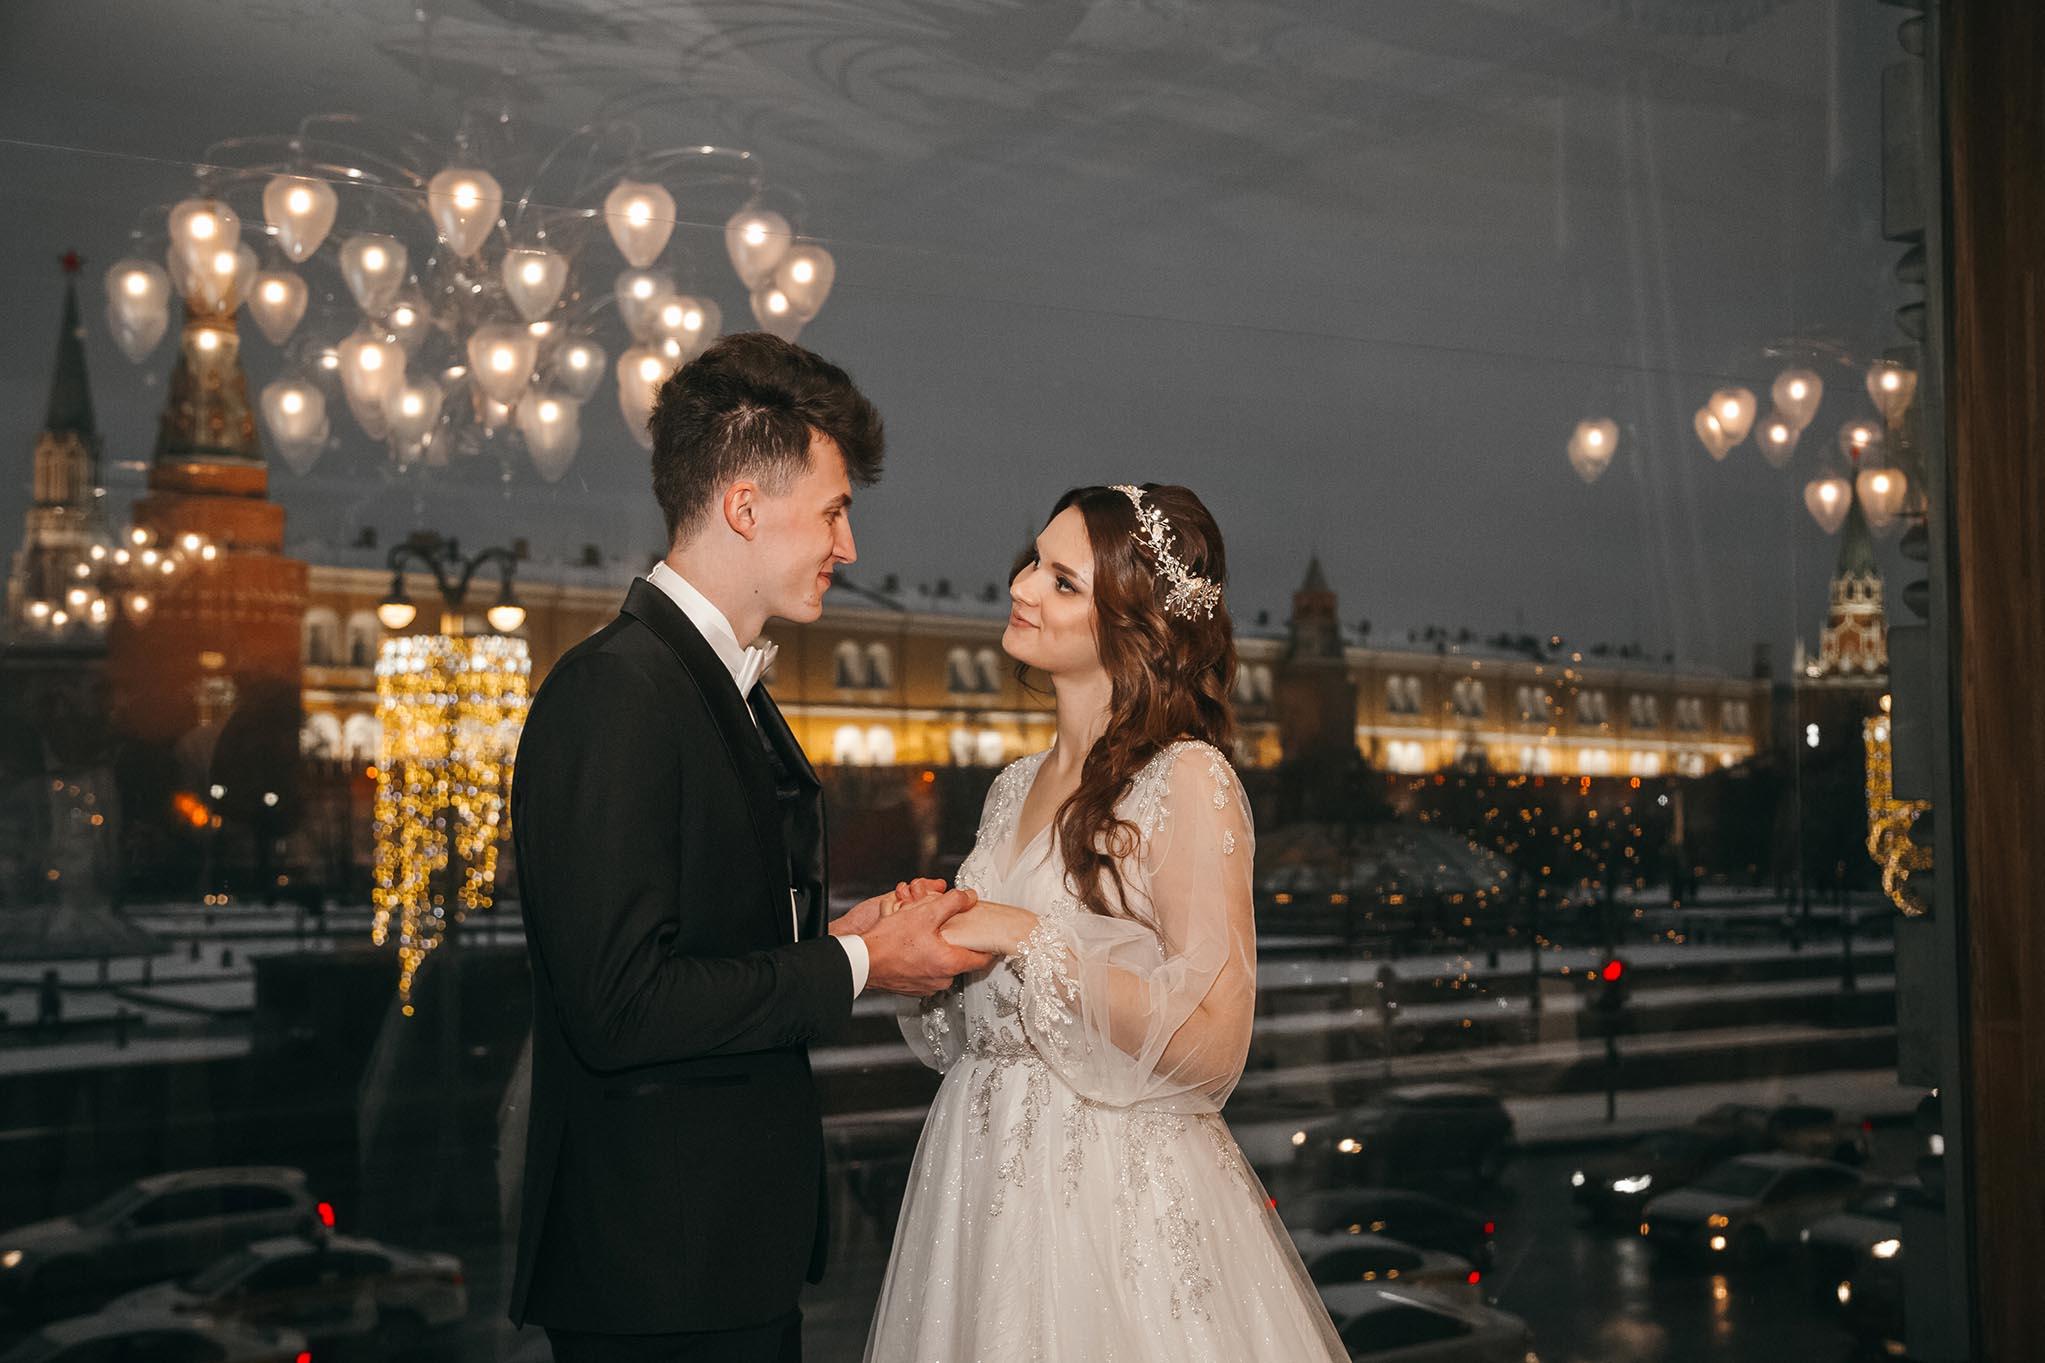 отель Националь зал Московский свадебная фотосессия